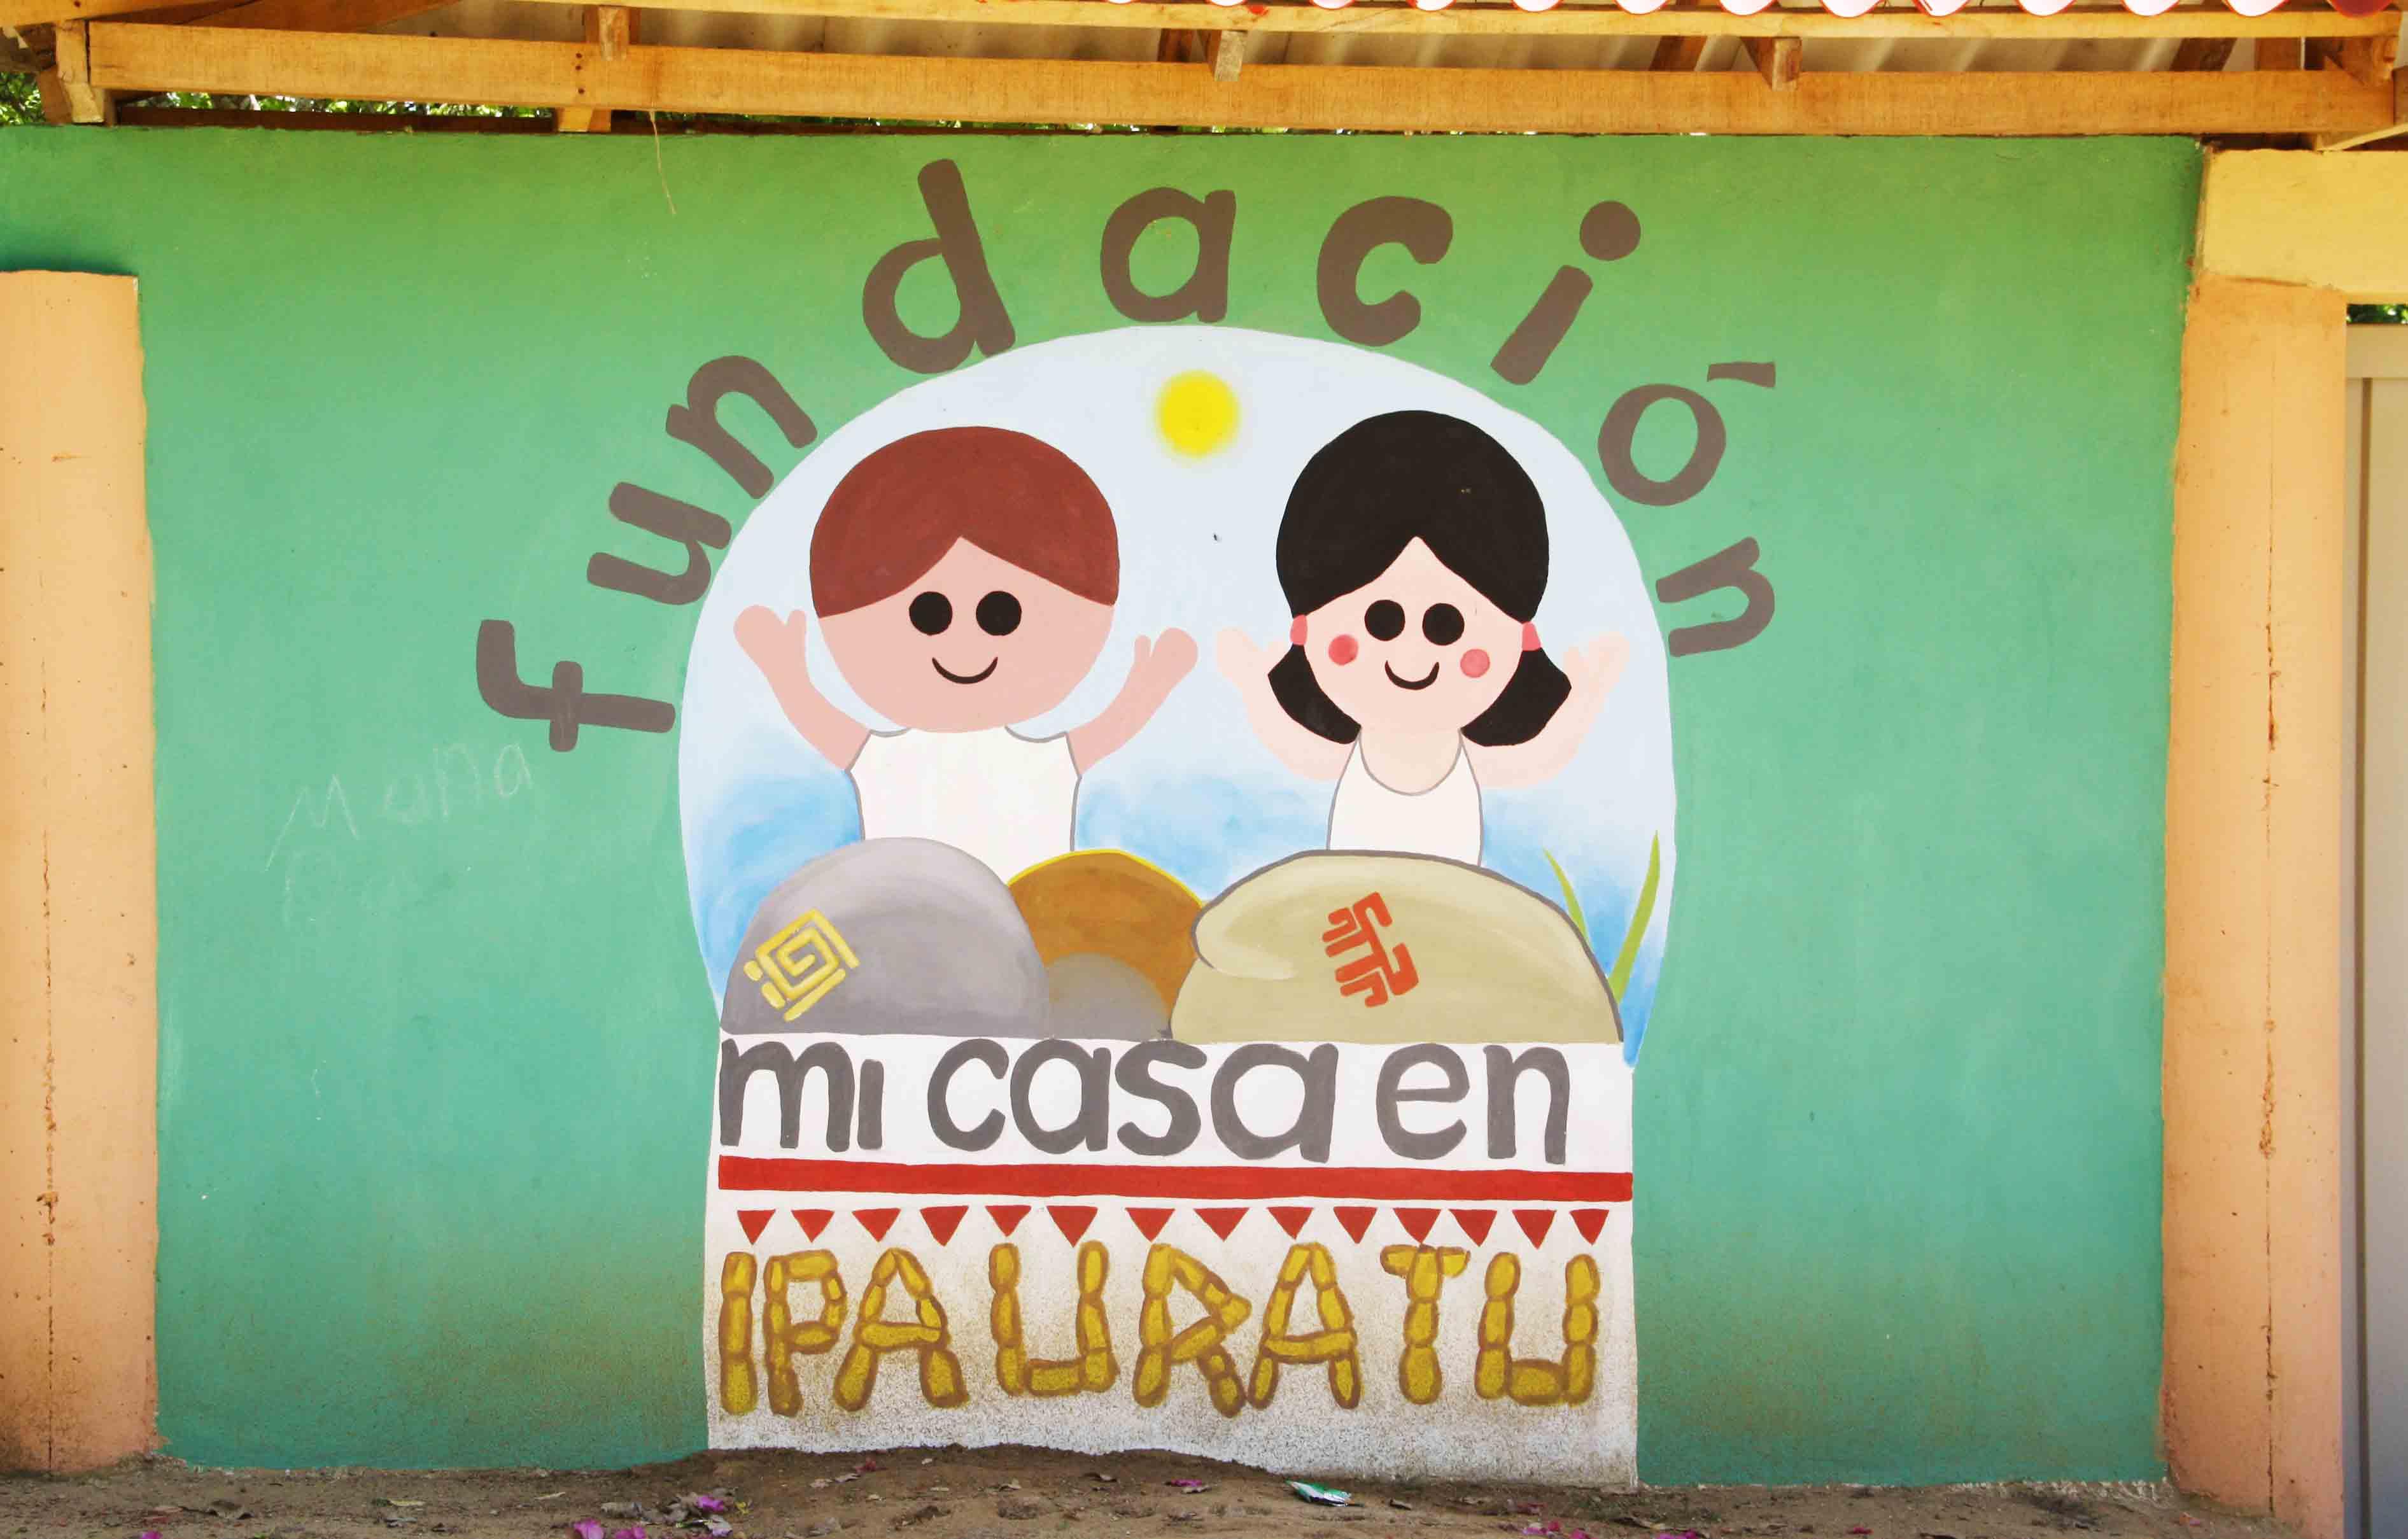 Mi Casa en Ipauratu Foundation Colombia